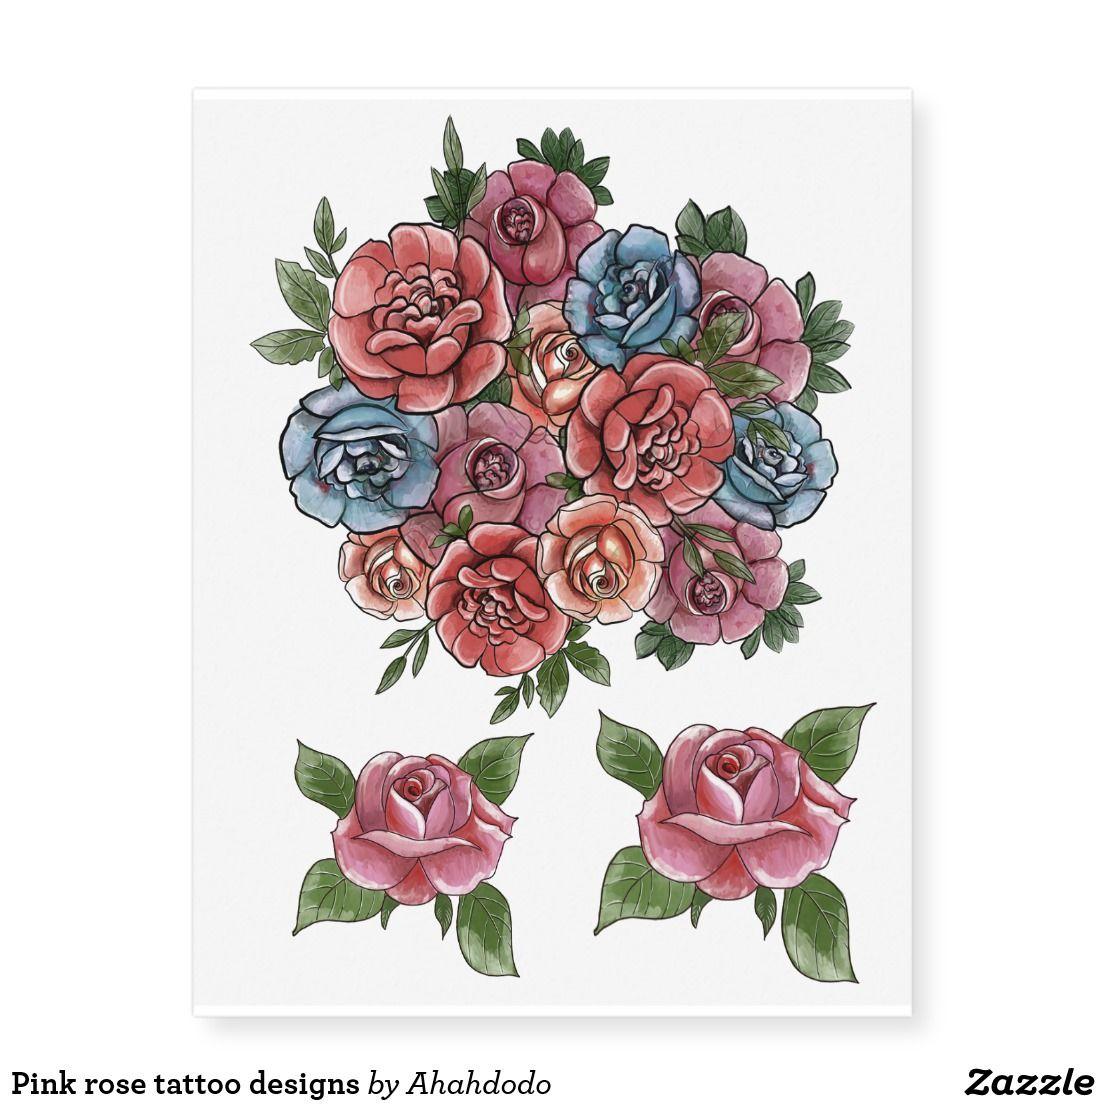 Red blue roses body art temporary tattoos   Zazzle.com